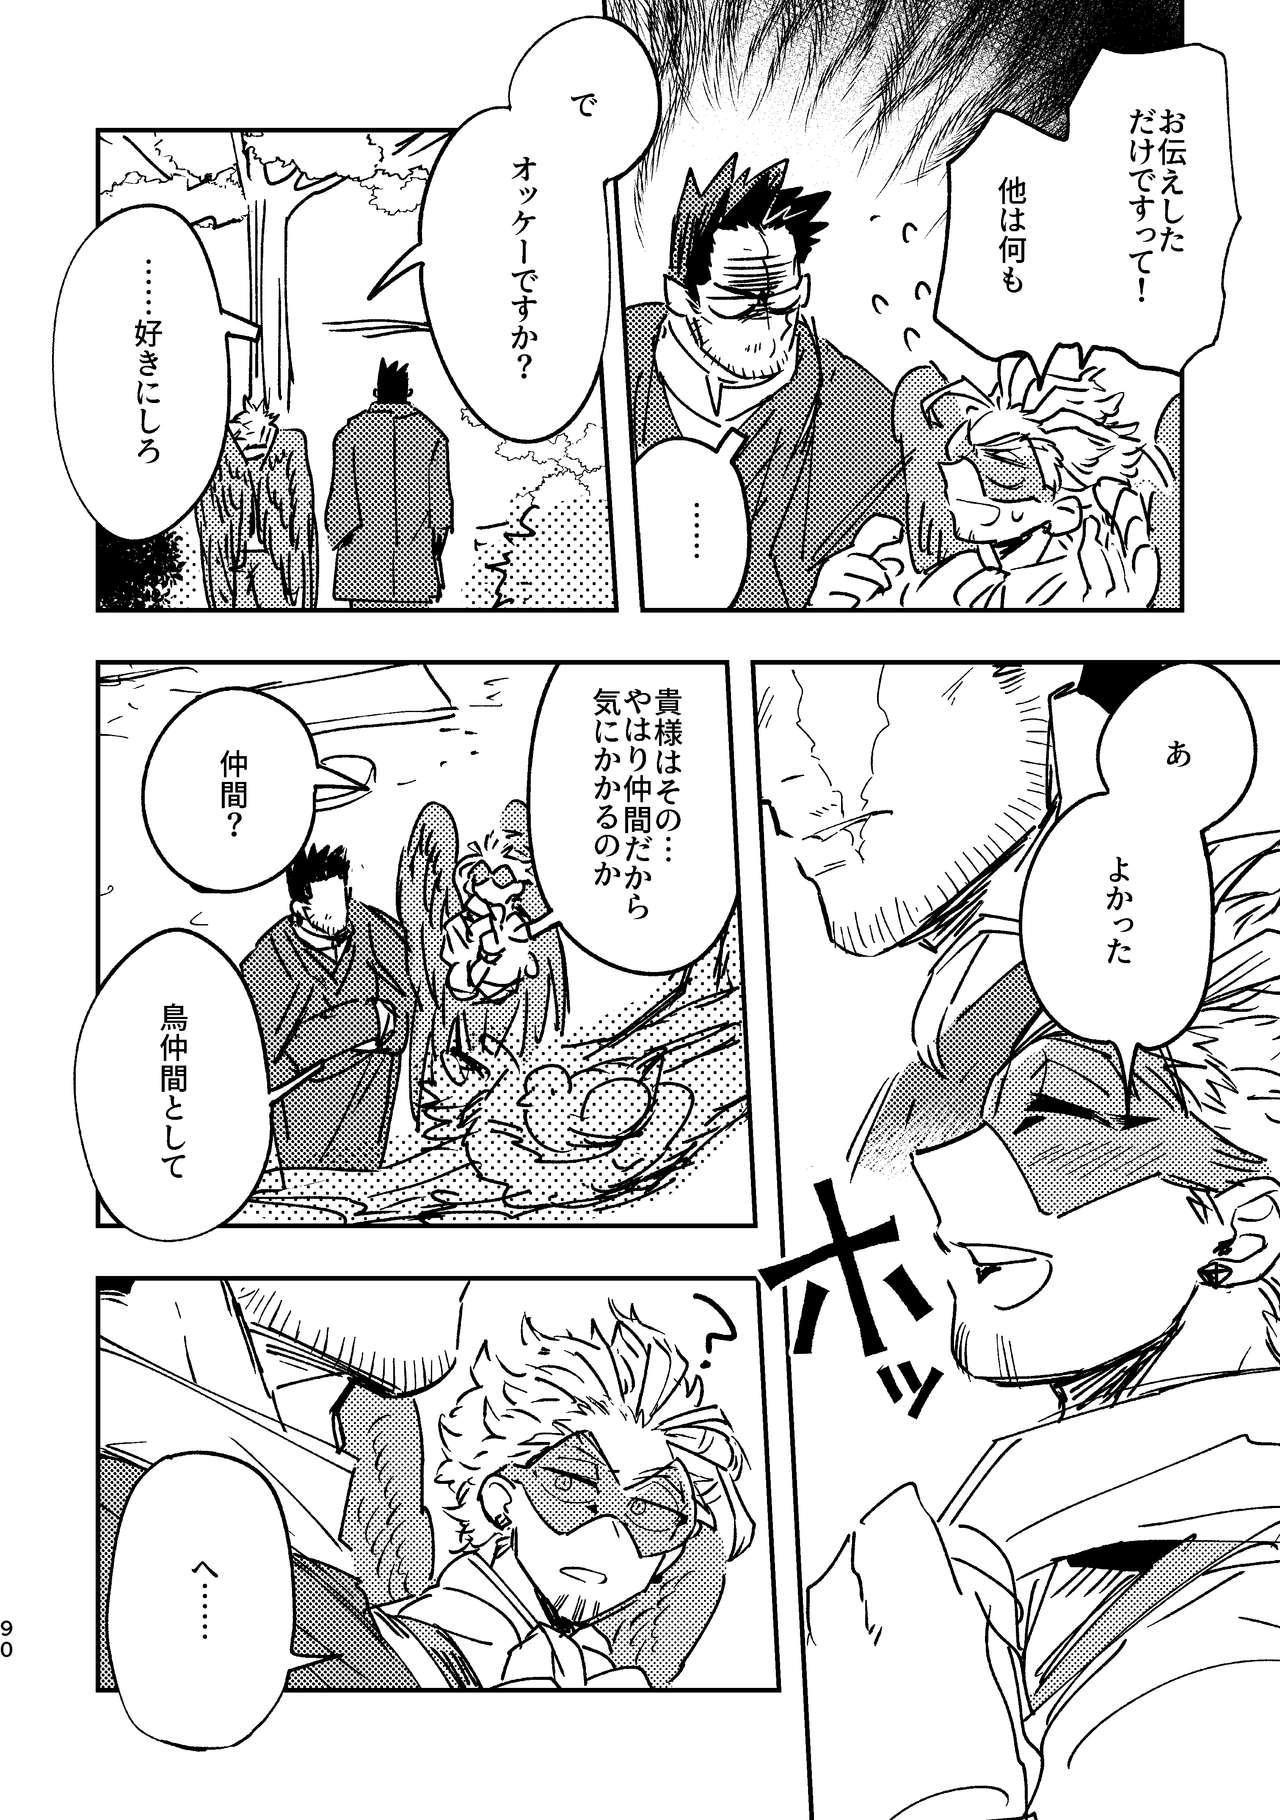 WEB Sairoku Zumi HawEn Manga ga Kami demo Yomeru Hon. 89